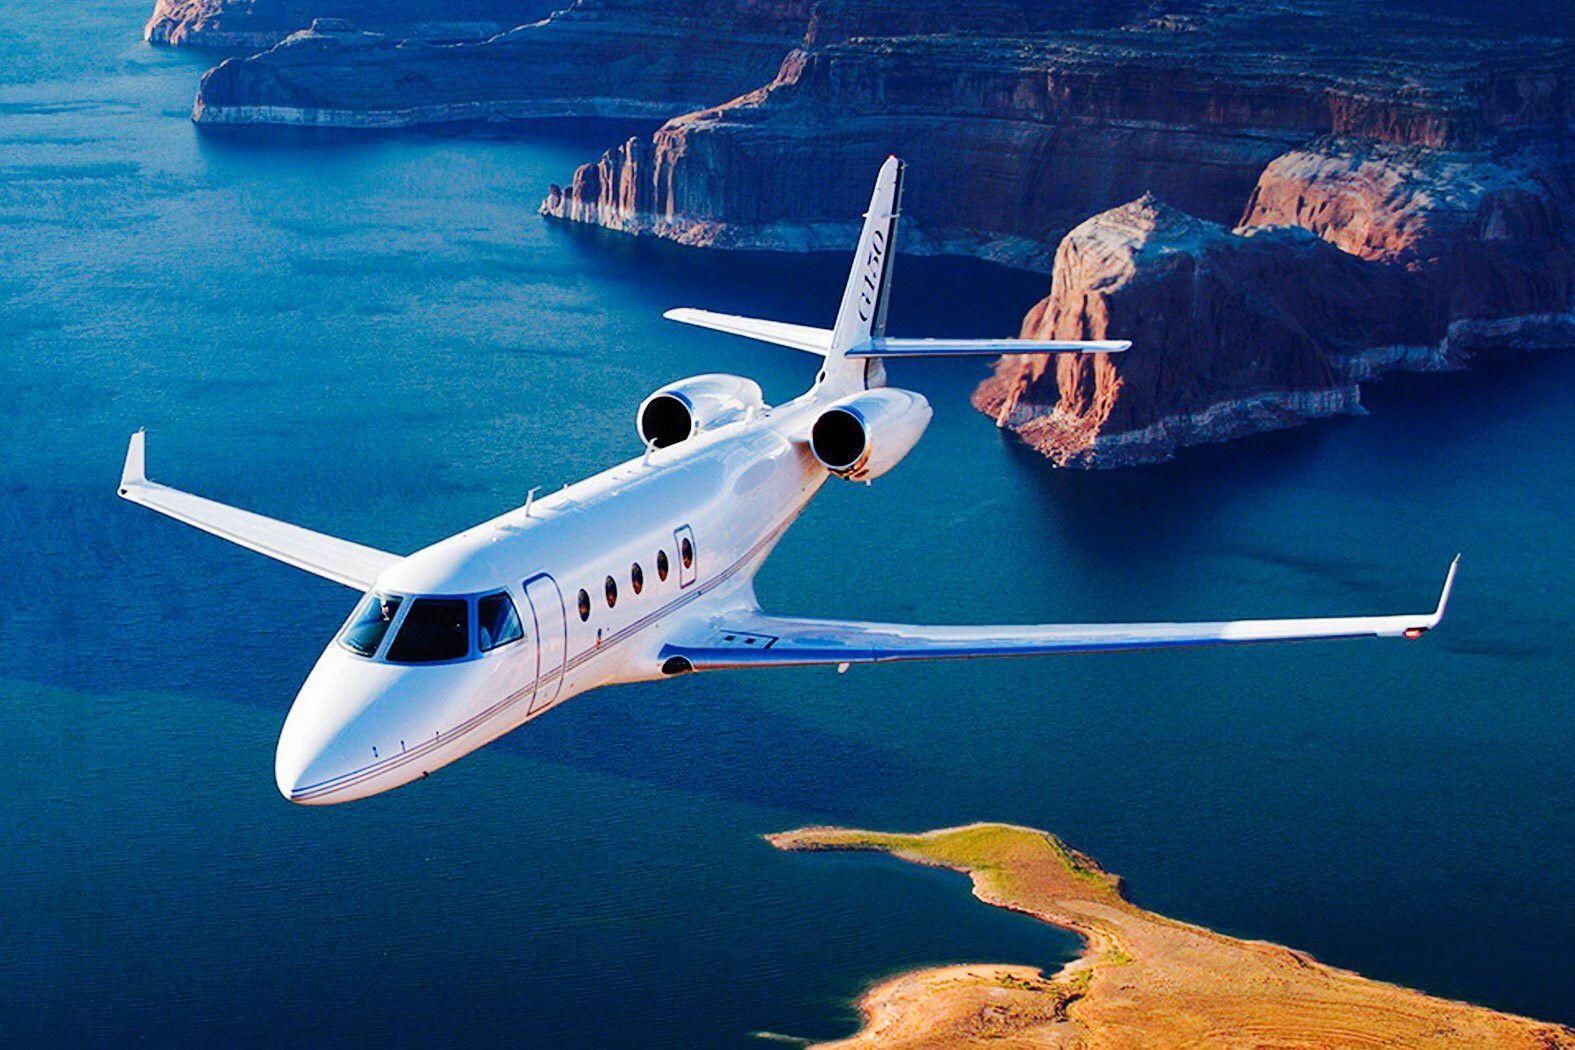 Pin oleh raul azari di private jet